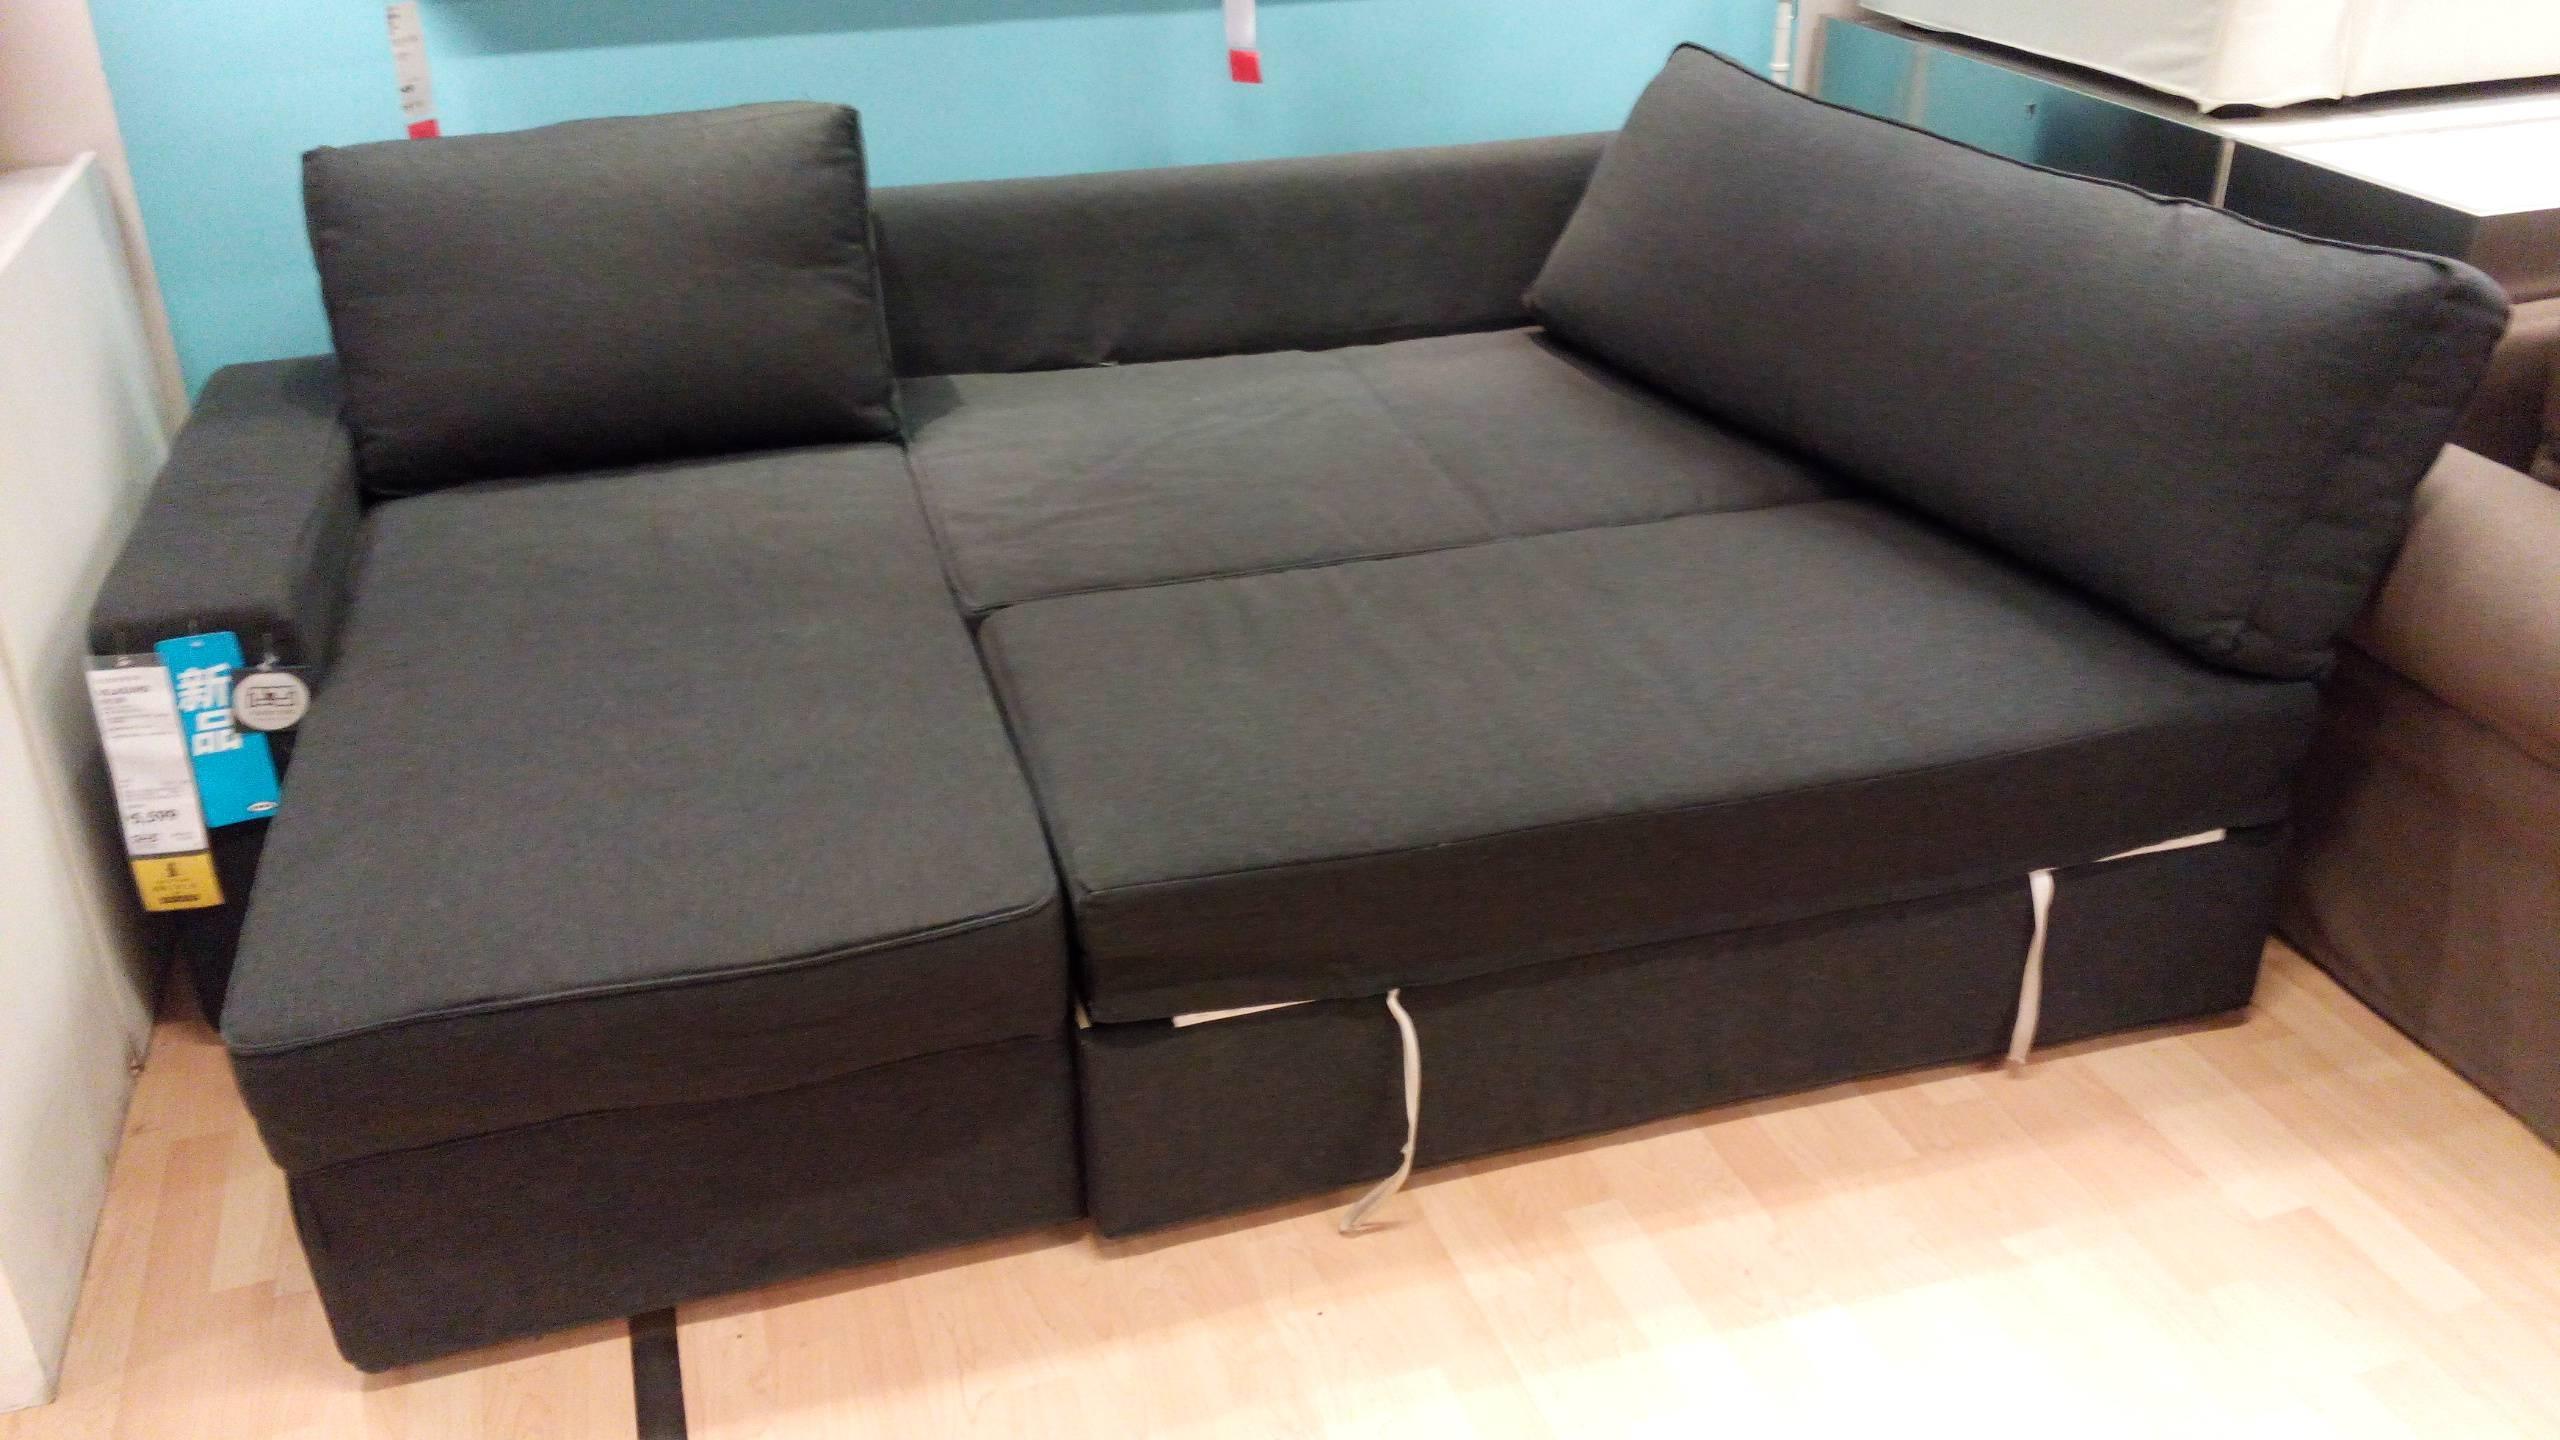 Furniture: Grey Sectional Ikea | Friheten Sofa Bed Review | Ikea with Ikea Sectional Sofa Bed (Image 4 of 25)